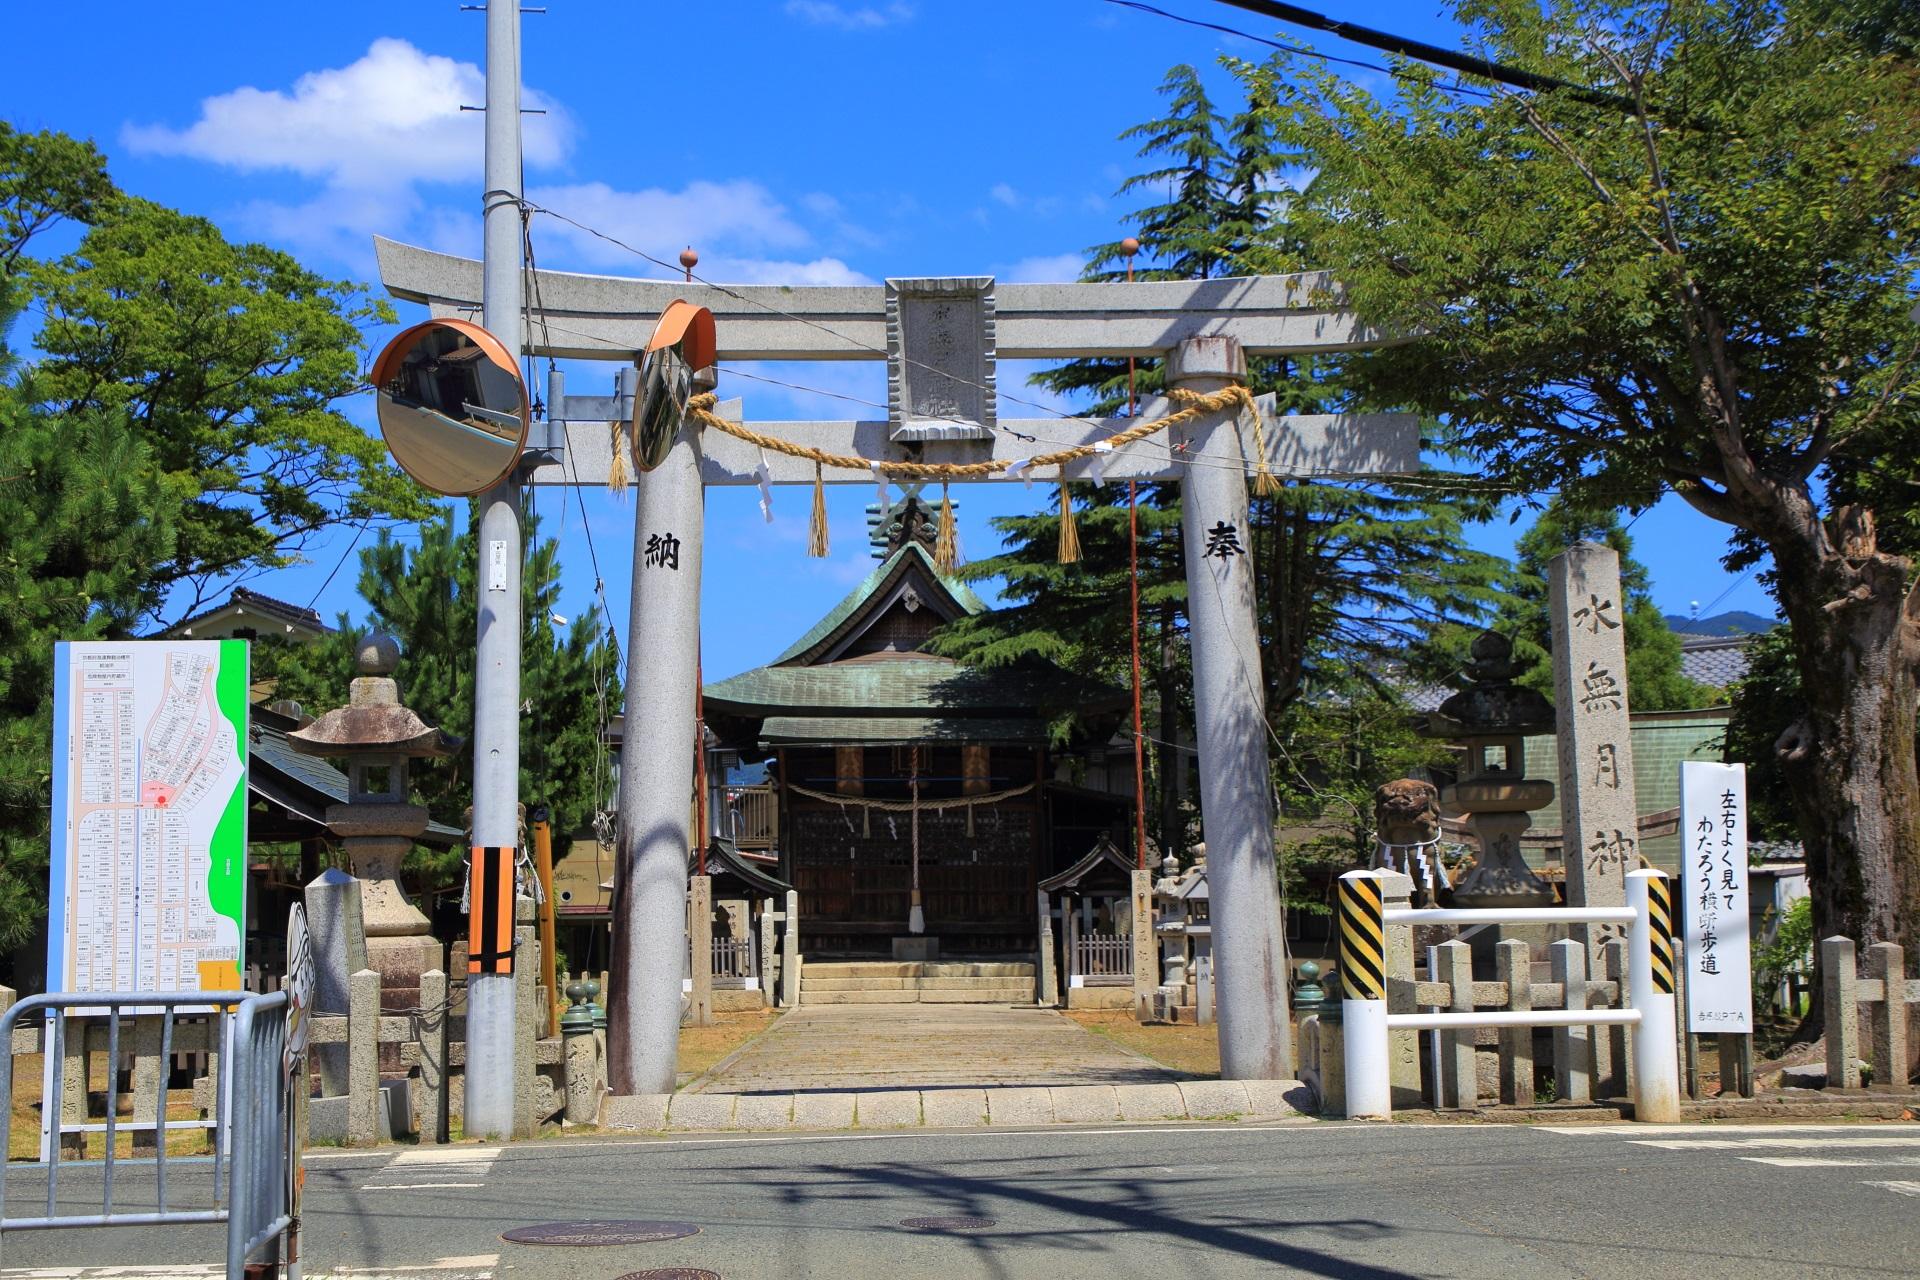 吉原入江の側に佇む舞鶴の水無月神社